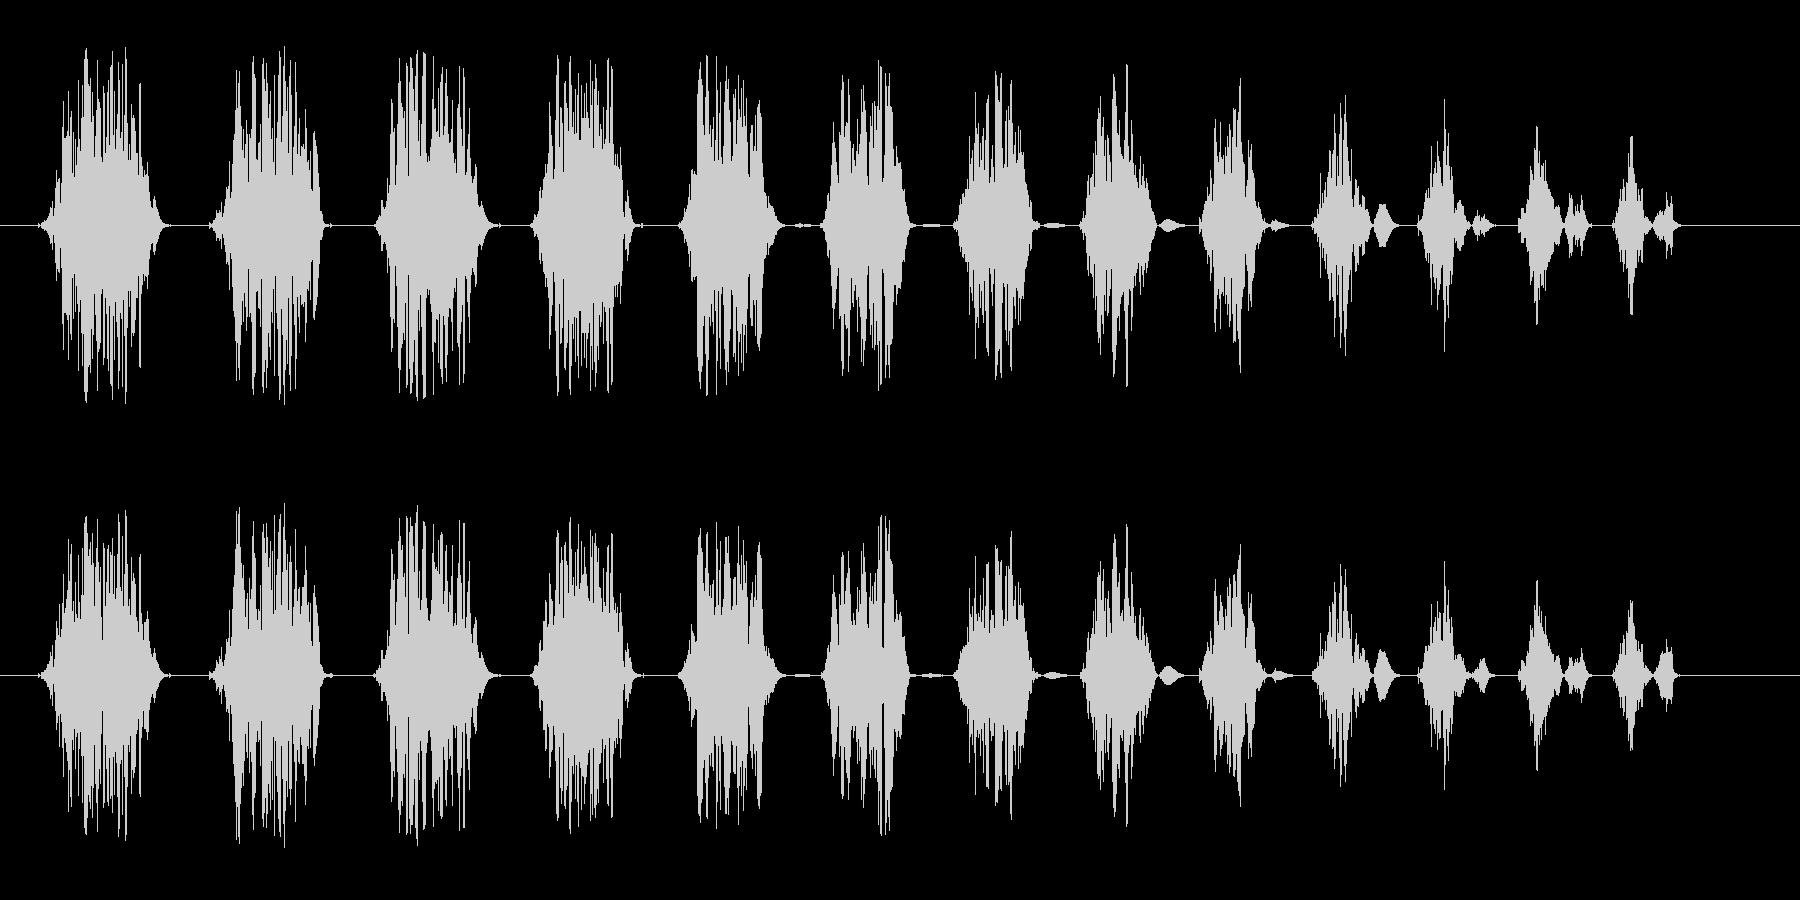 シュワンシュワン(回転する音)の未再生の波形